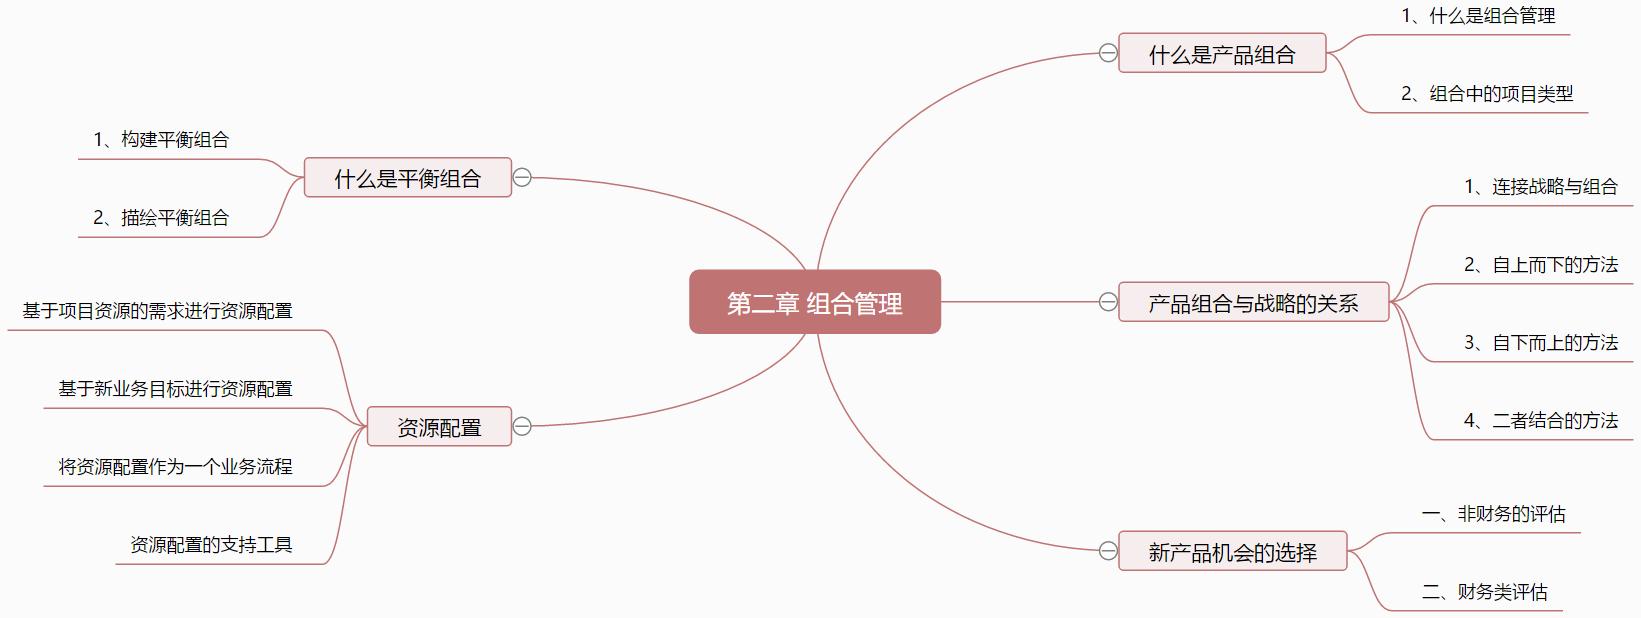 2.2 产品组合与战略的关系